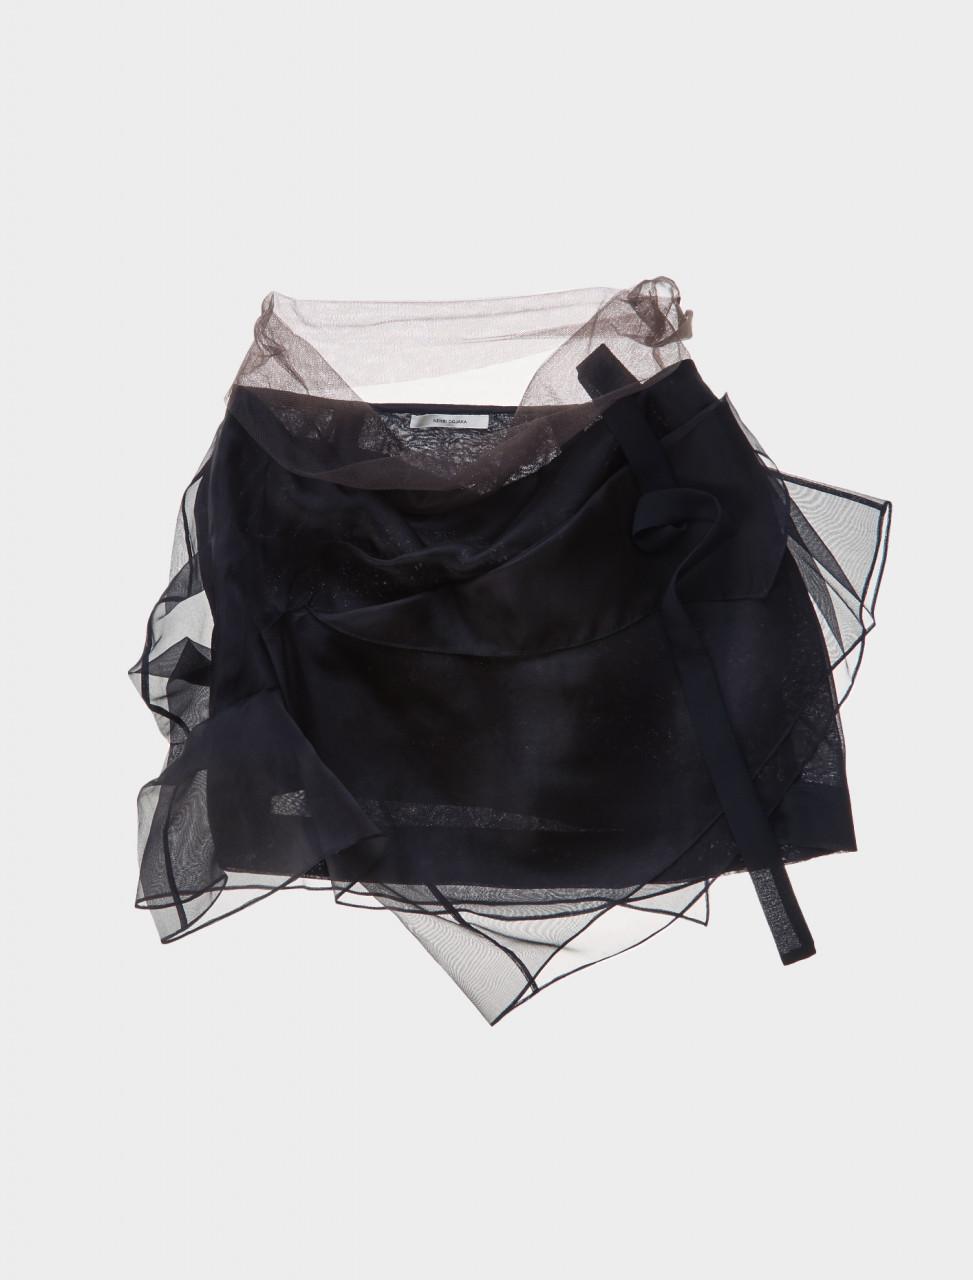 Nensi Dojaka Layered Drape Skirt in Black Front